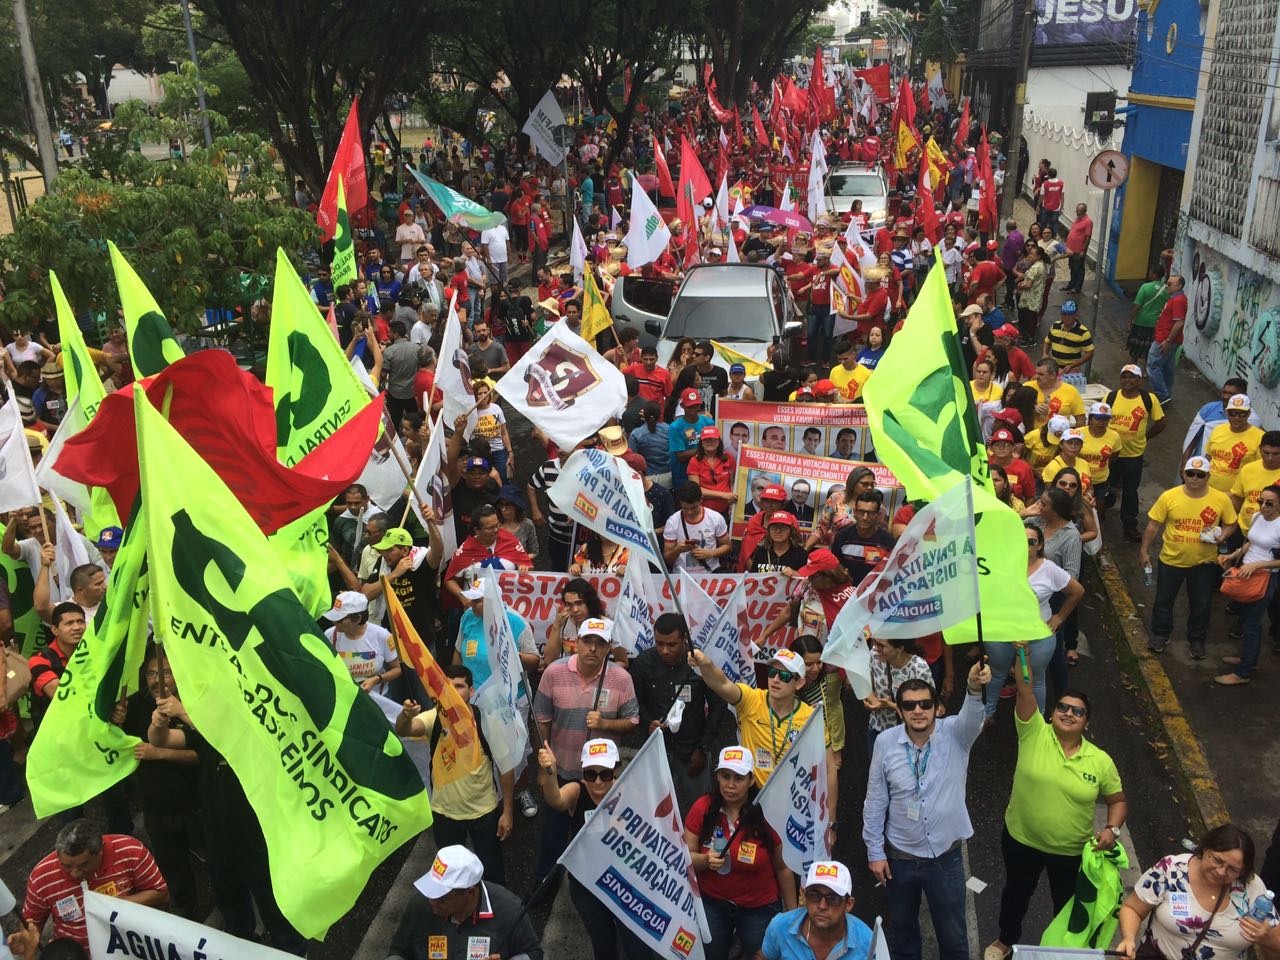 Empresários confessam que a reforma trabalhista foi construída para cortar salários e reduzir direitos